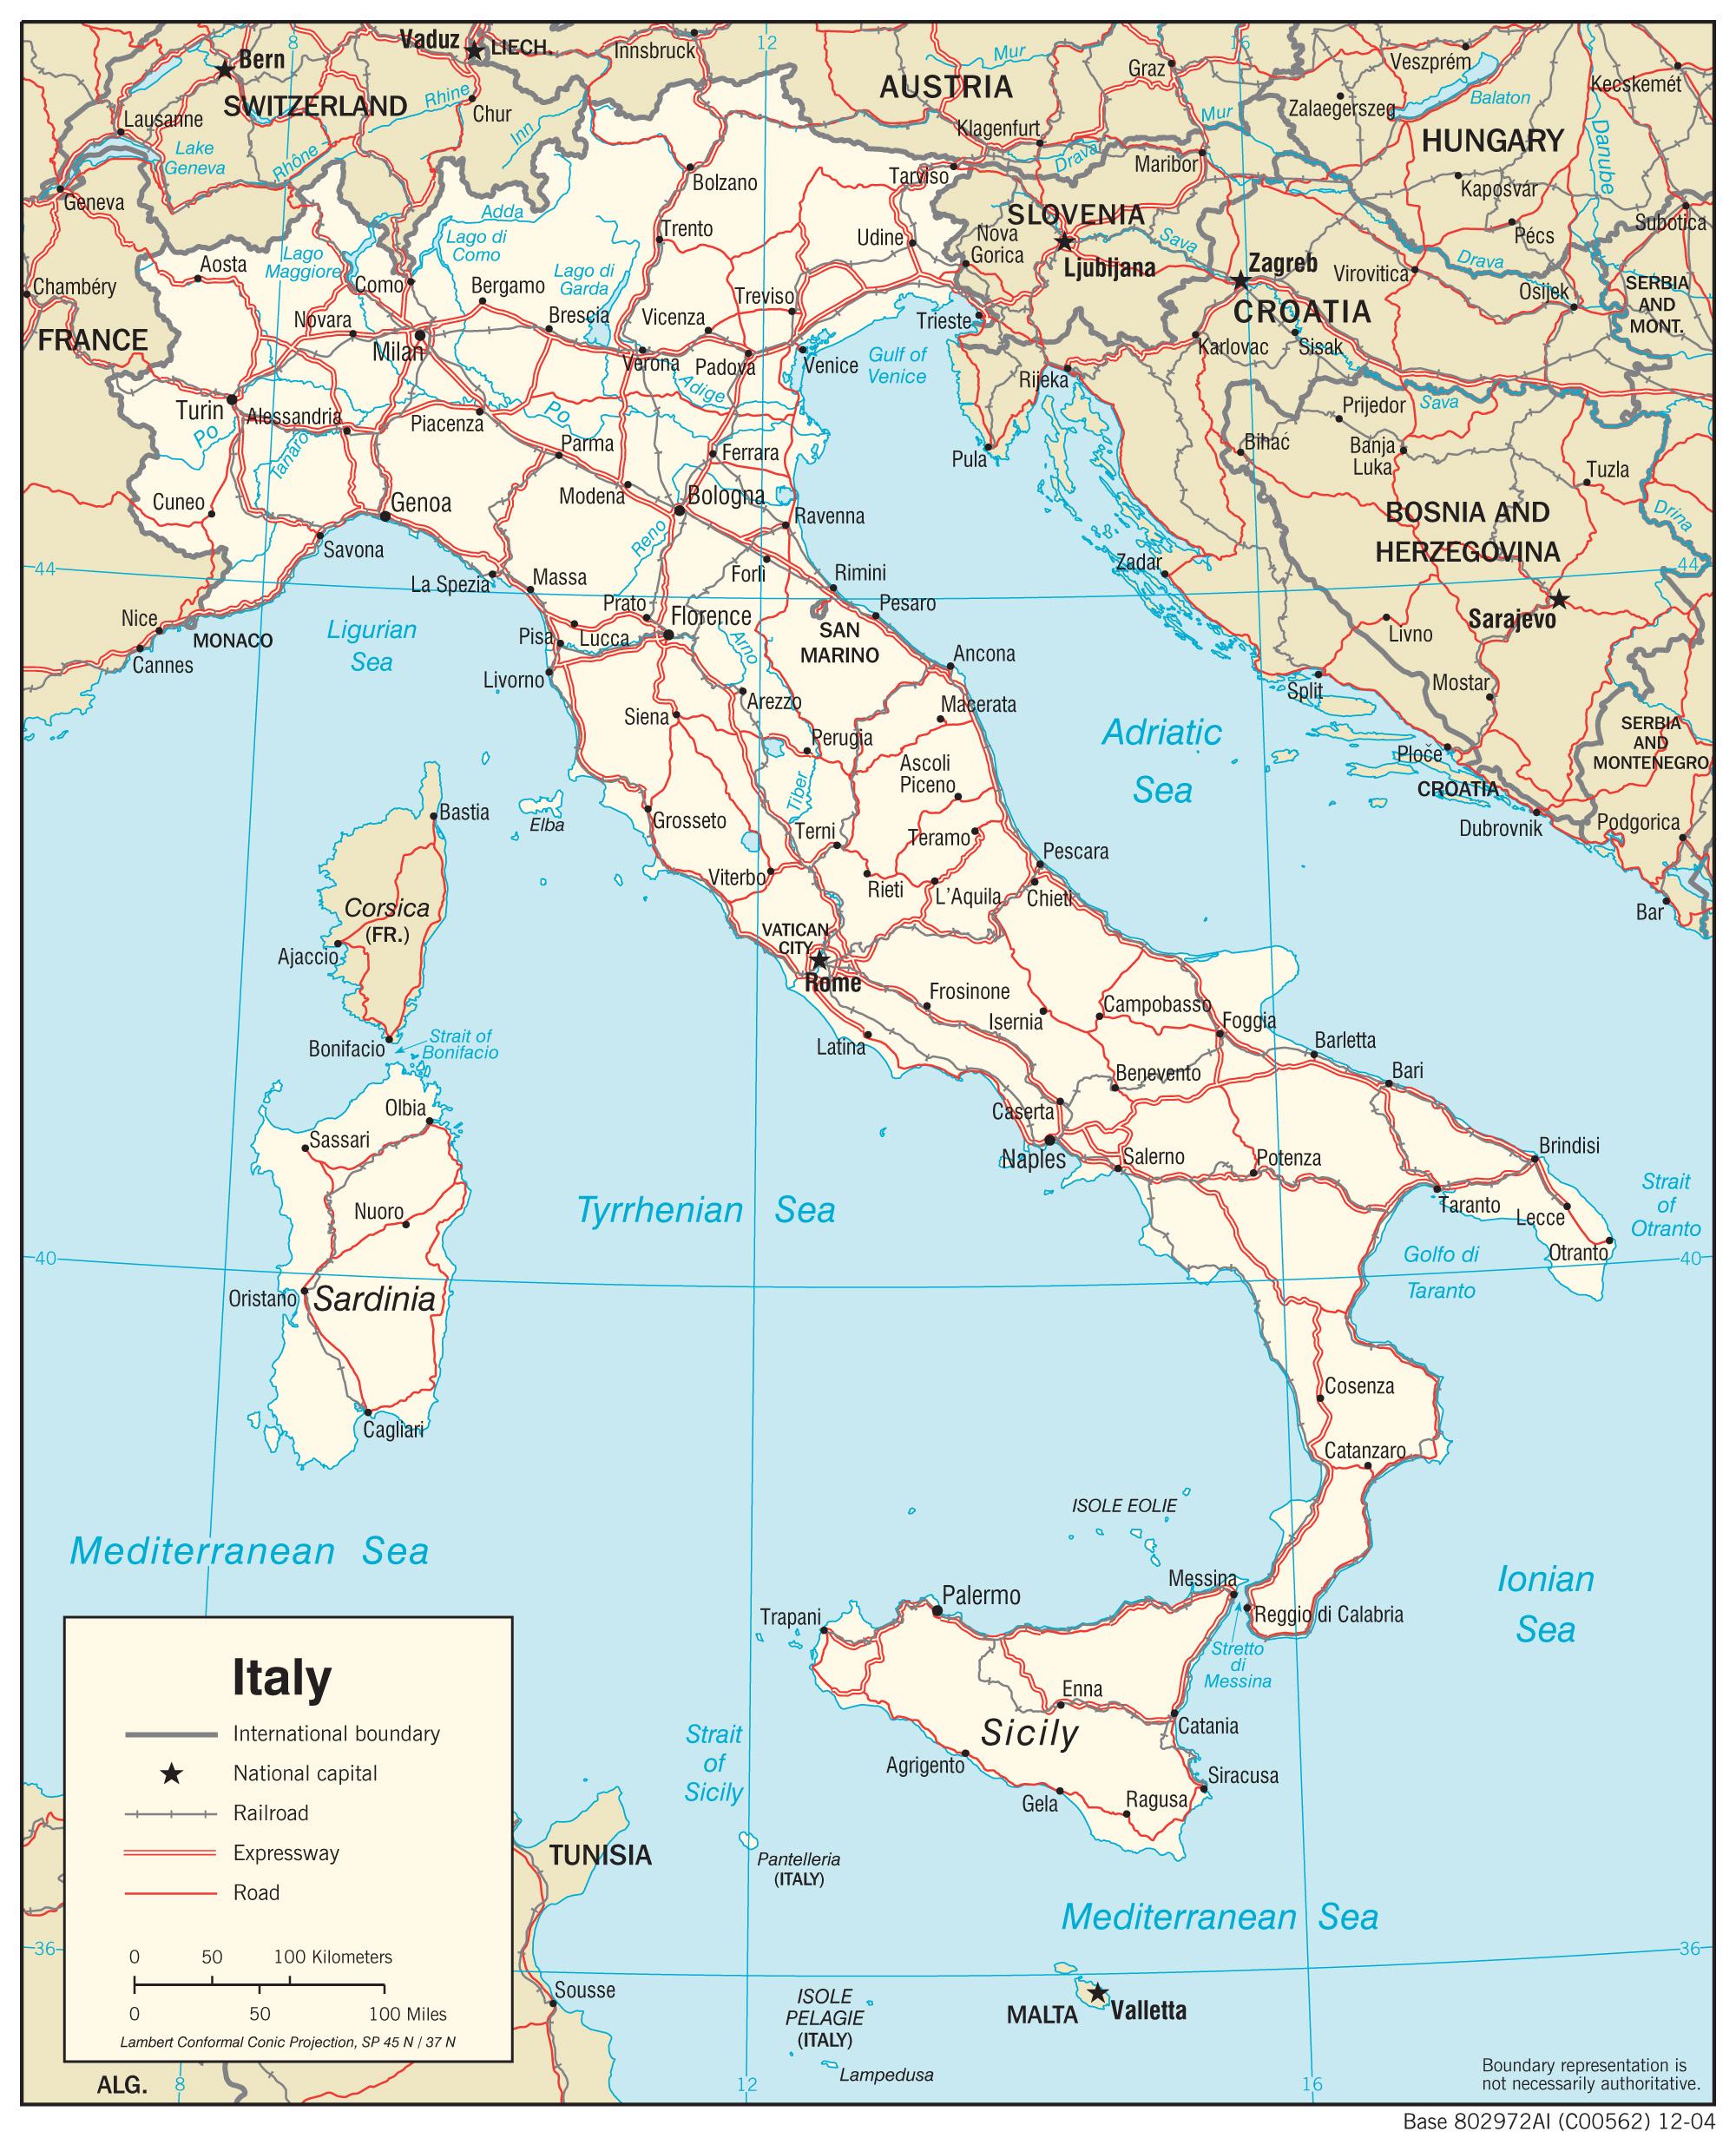 Mapy Wloch Szczegolowa Mapa Wloch W Jezyku Angielskim Mapa